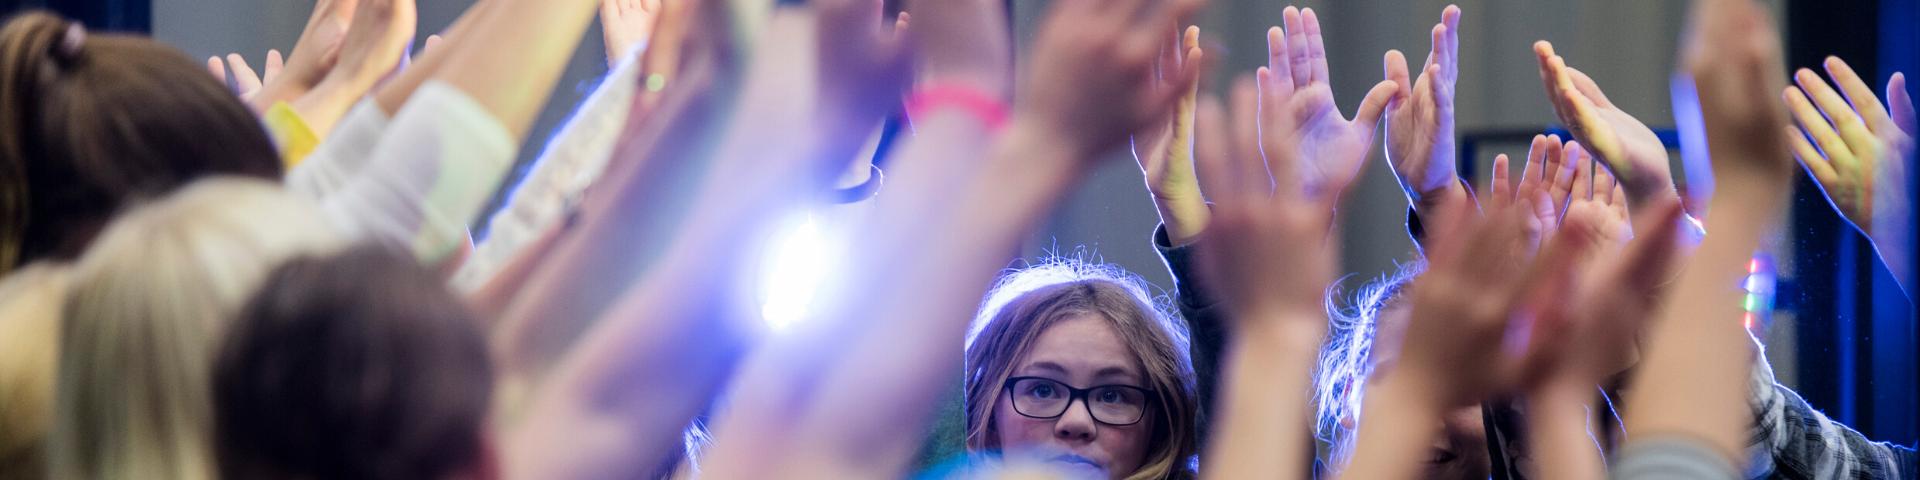 unge mennesker som holder hænderne op